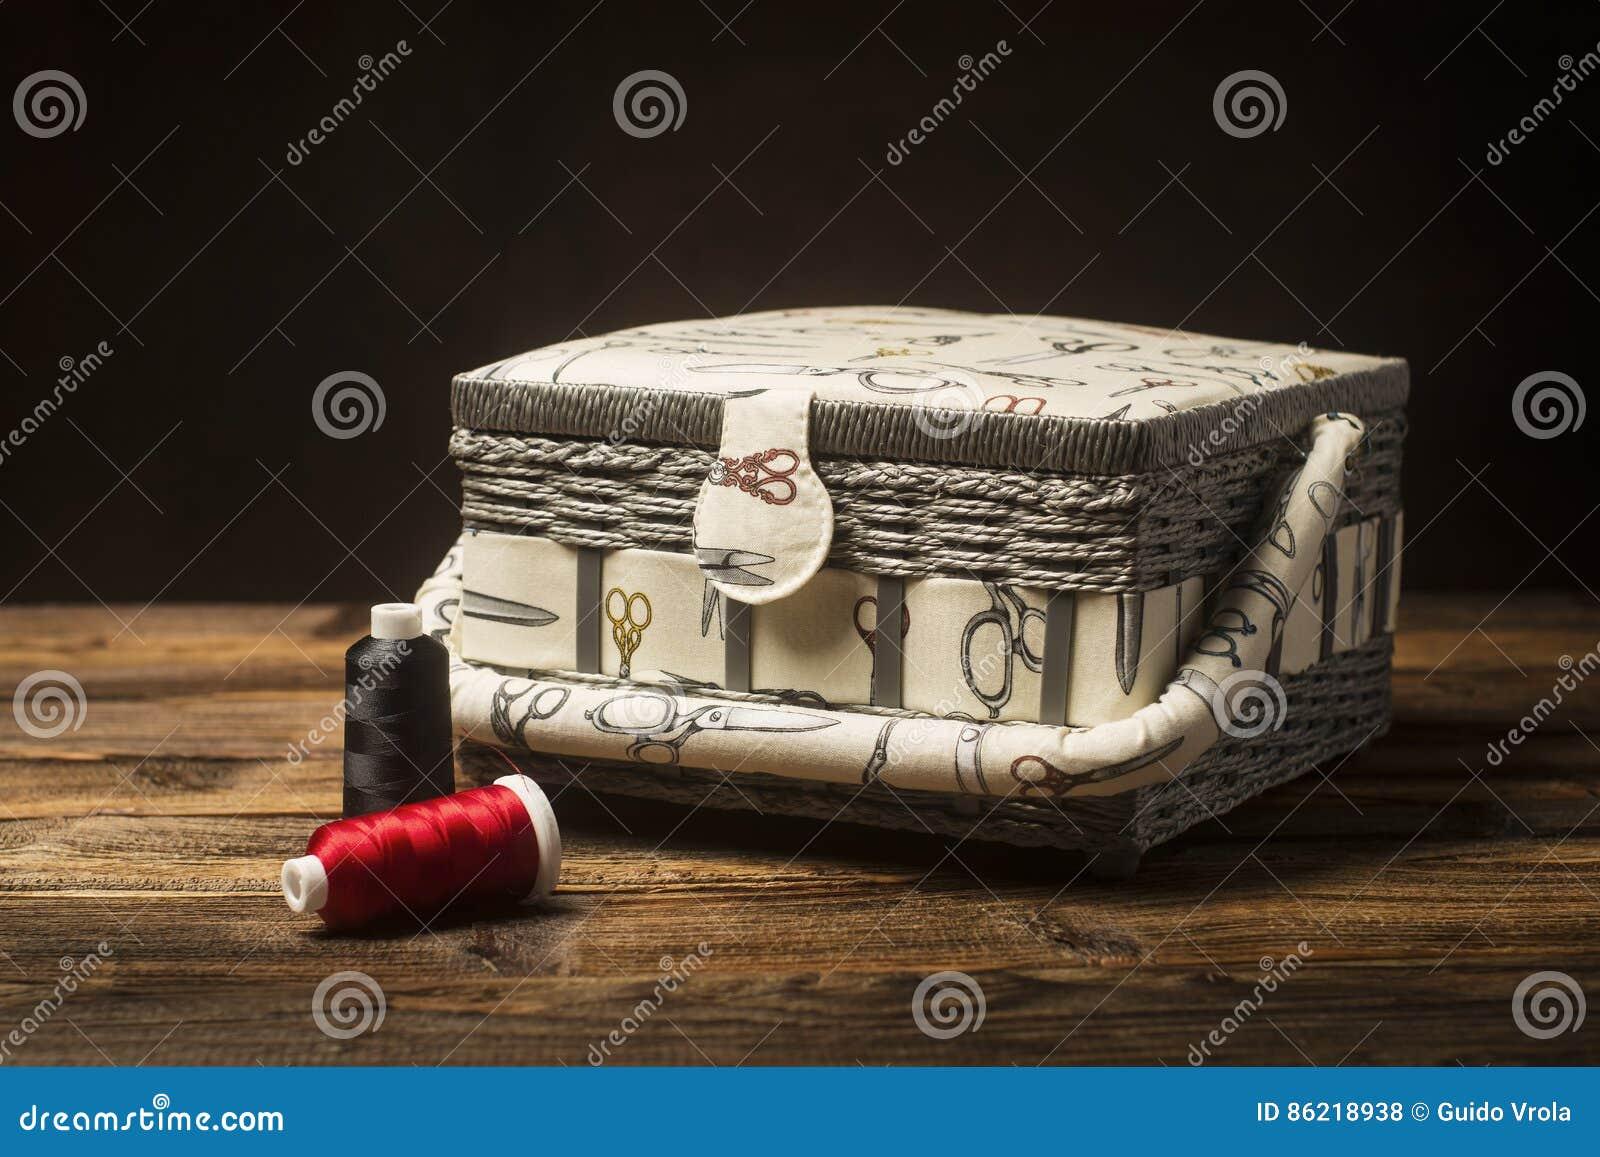 Cestini Da Lavoro Per Cucito cestino da lavoro di cucito e filati cucirini fotografia